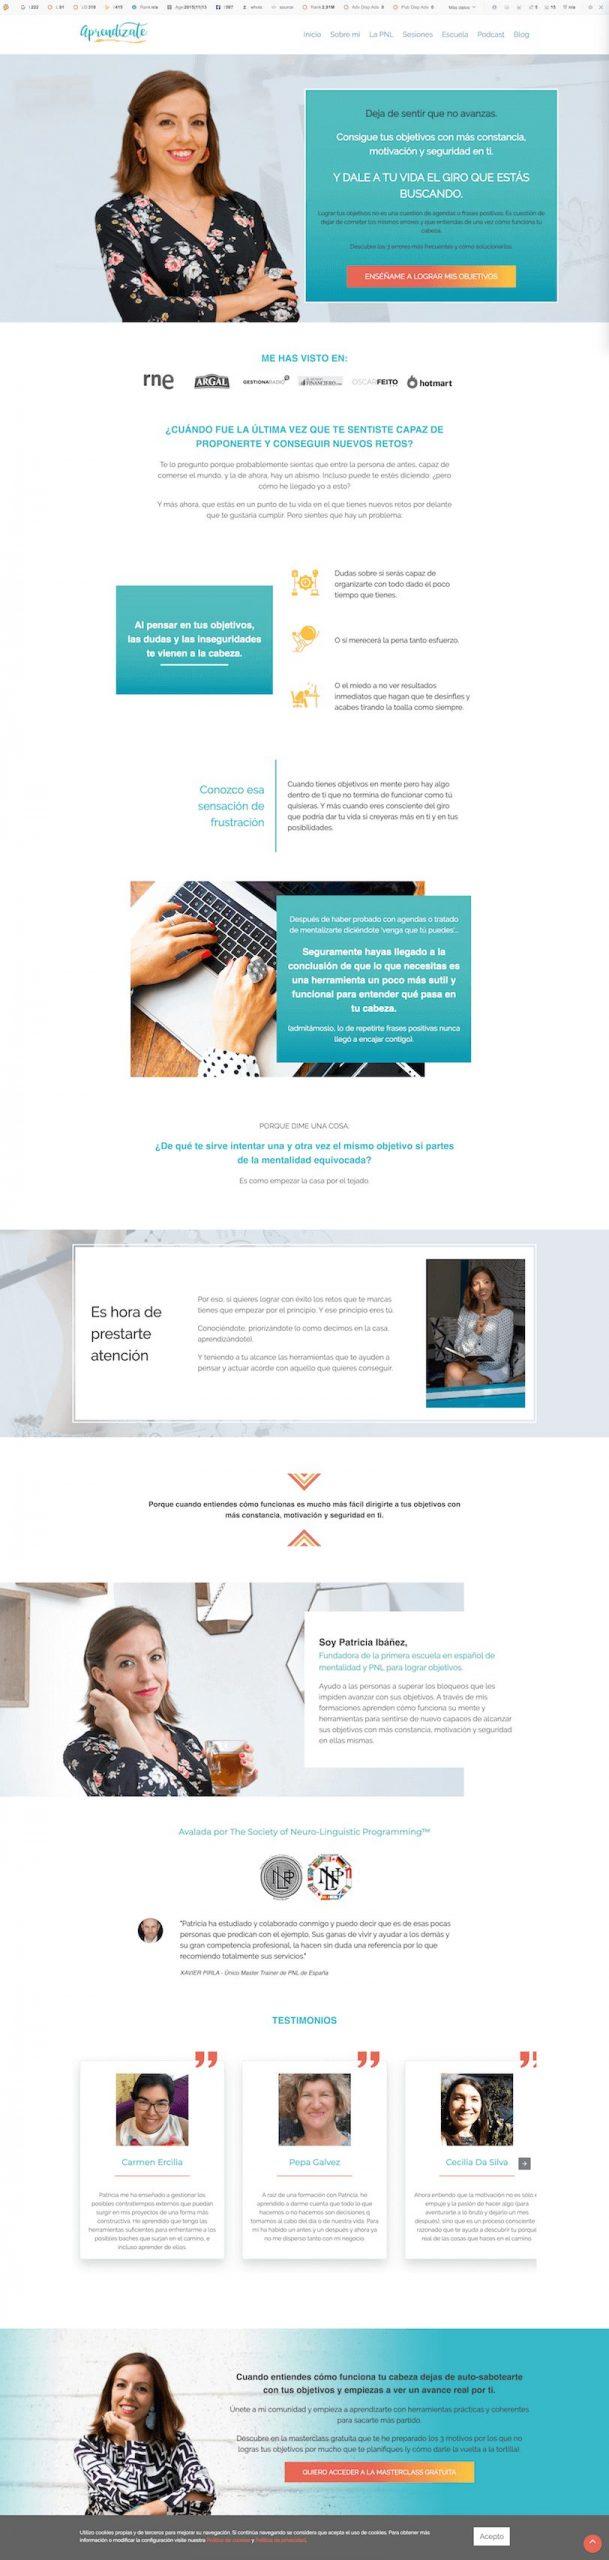 Ejemplo pagina de servicios